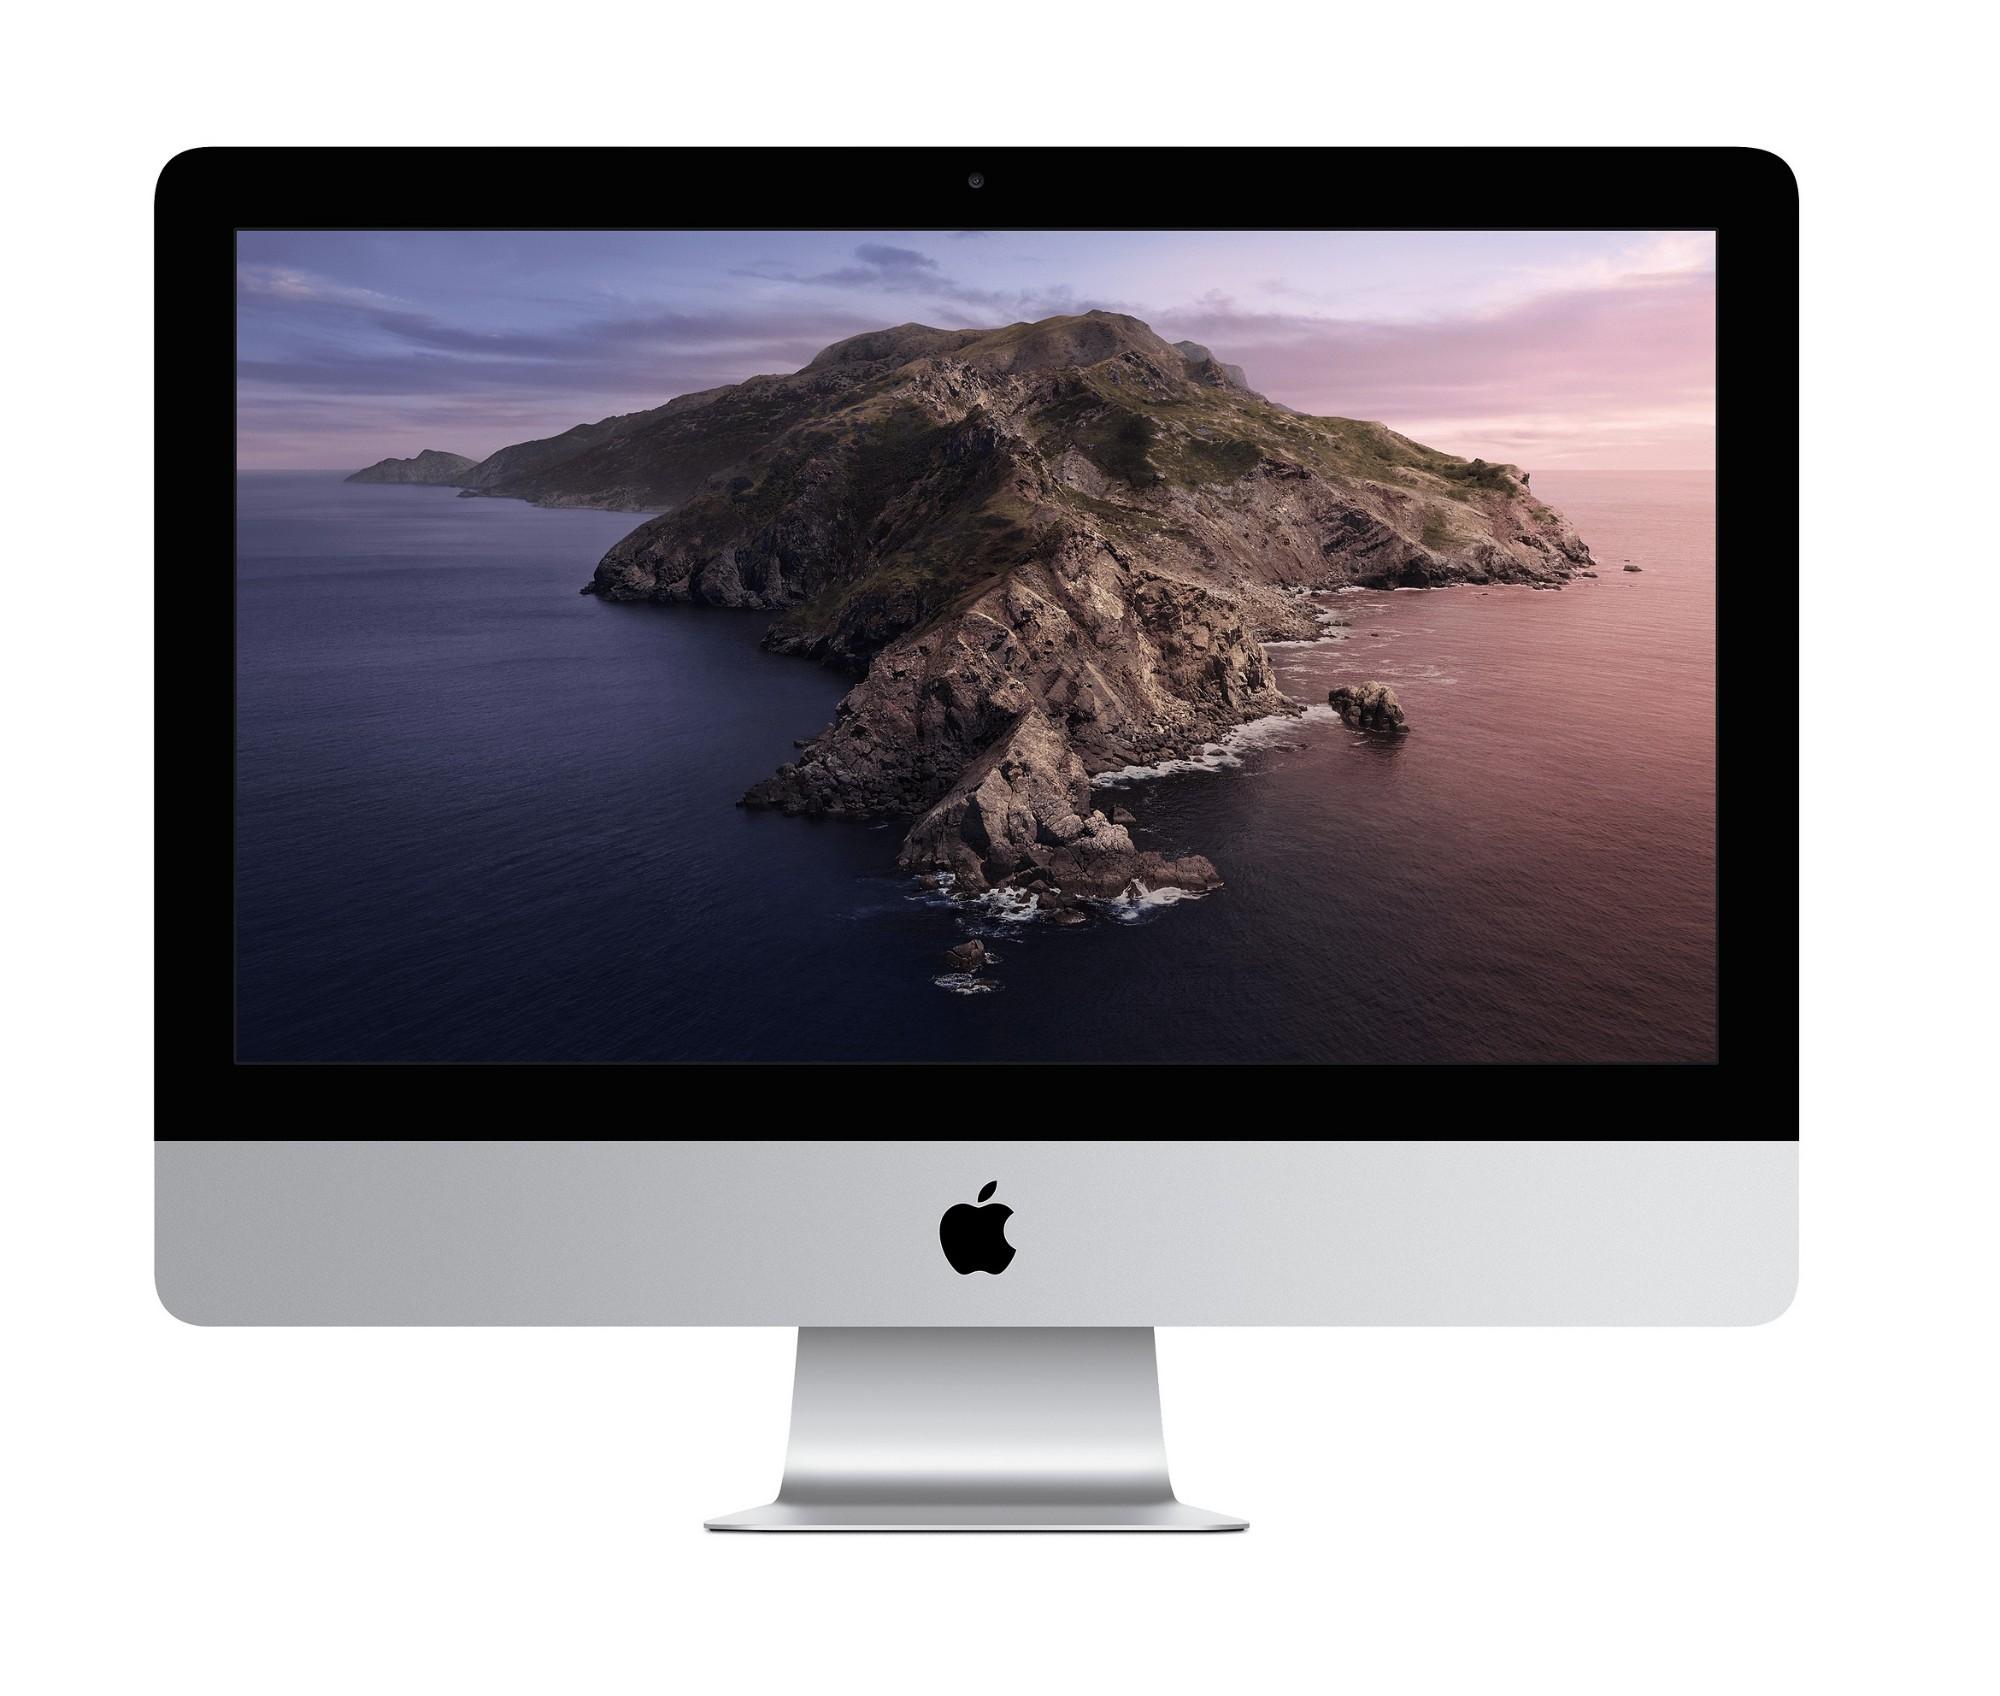 """Apple iMac 54.6 cm (21.5"""") 4096 x 2304 pixels 8th gen Intel-� Core��� i5 8 GB DDR4-SDRAM 256 GB SSD All-in-One PC AMD Radeon Pro 560X macOS Catalina 10.15 Wi-Fi 5 (802.11ac) Silver"""